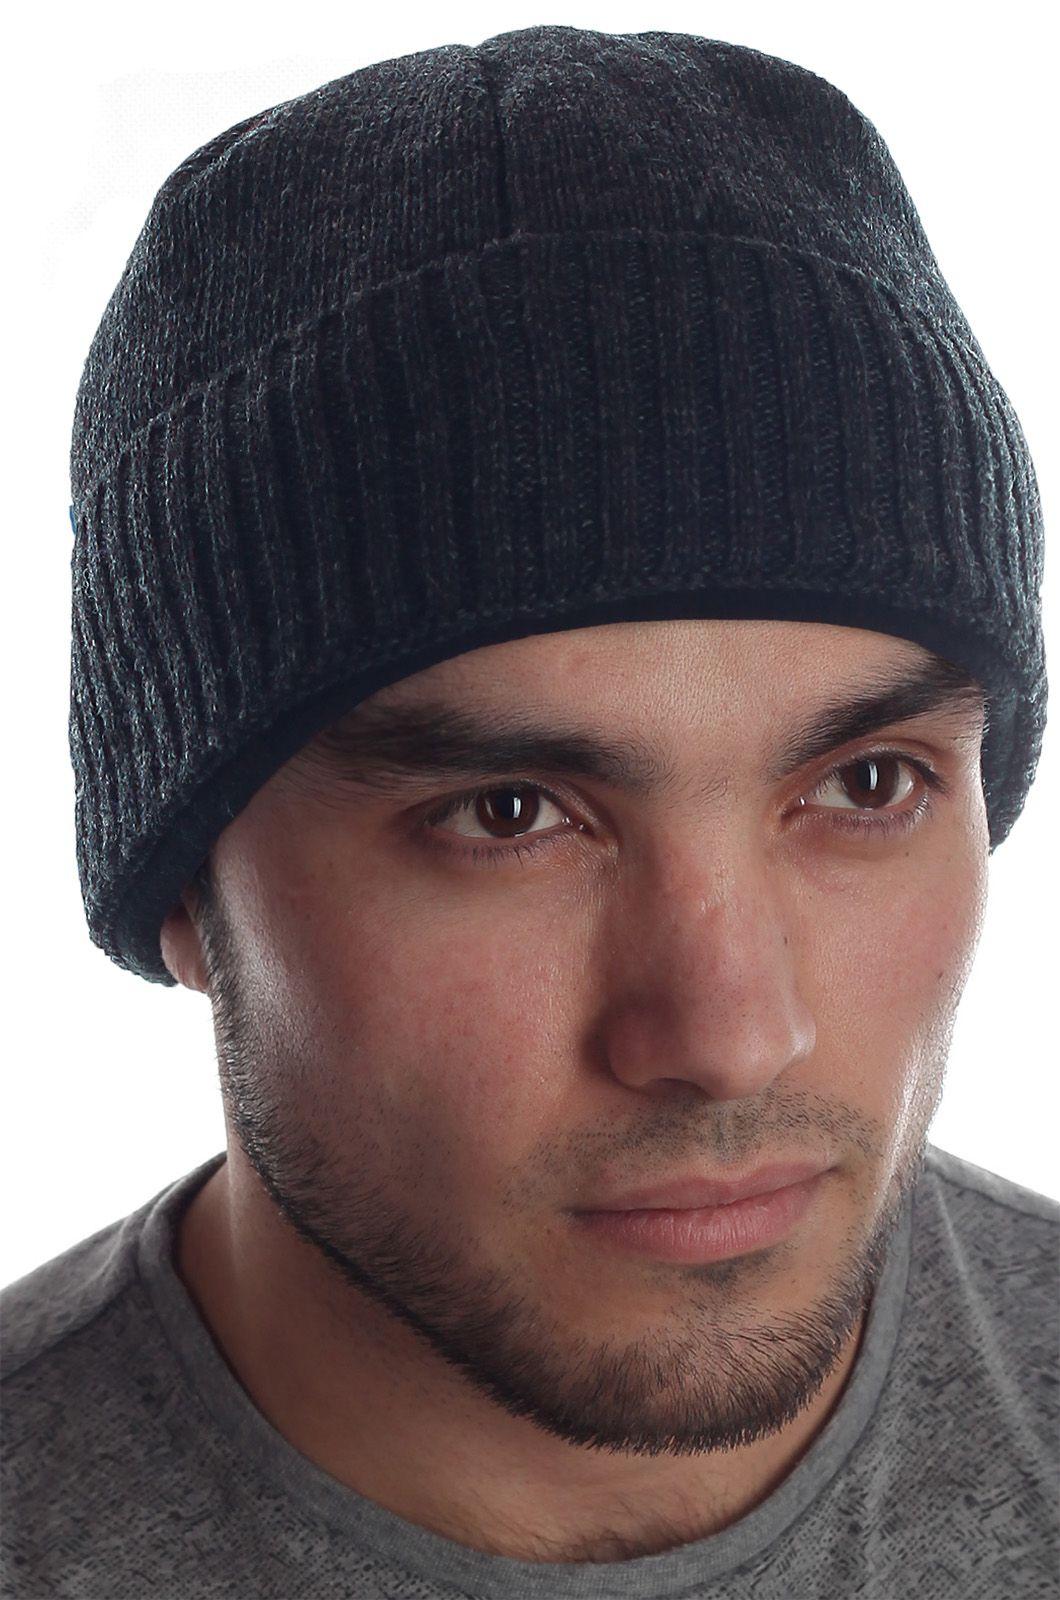 Мужская популярная утепленная флисом шапка практичная модель